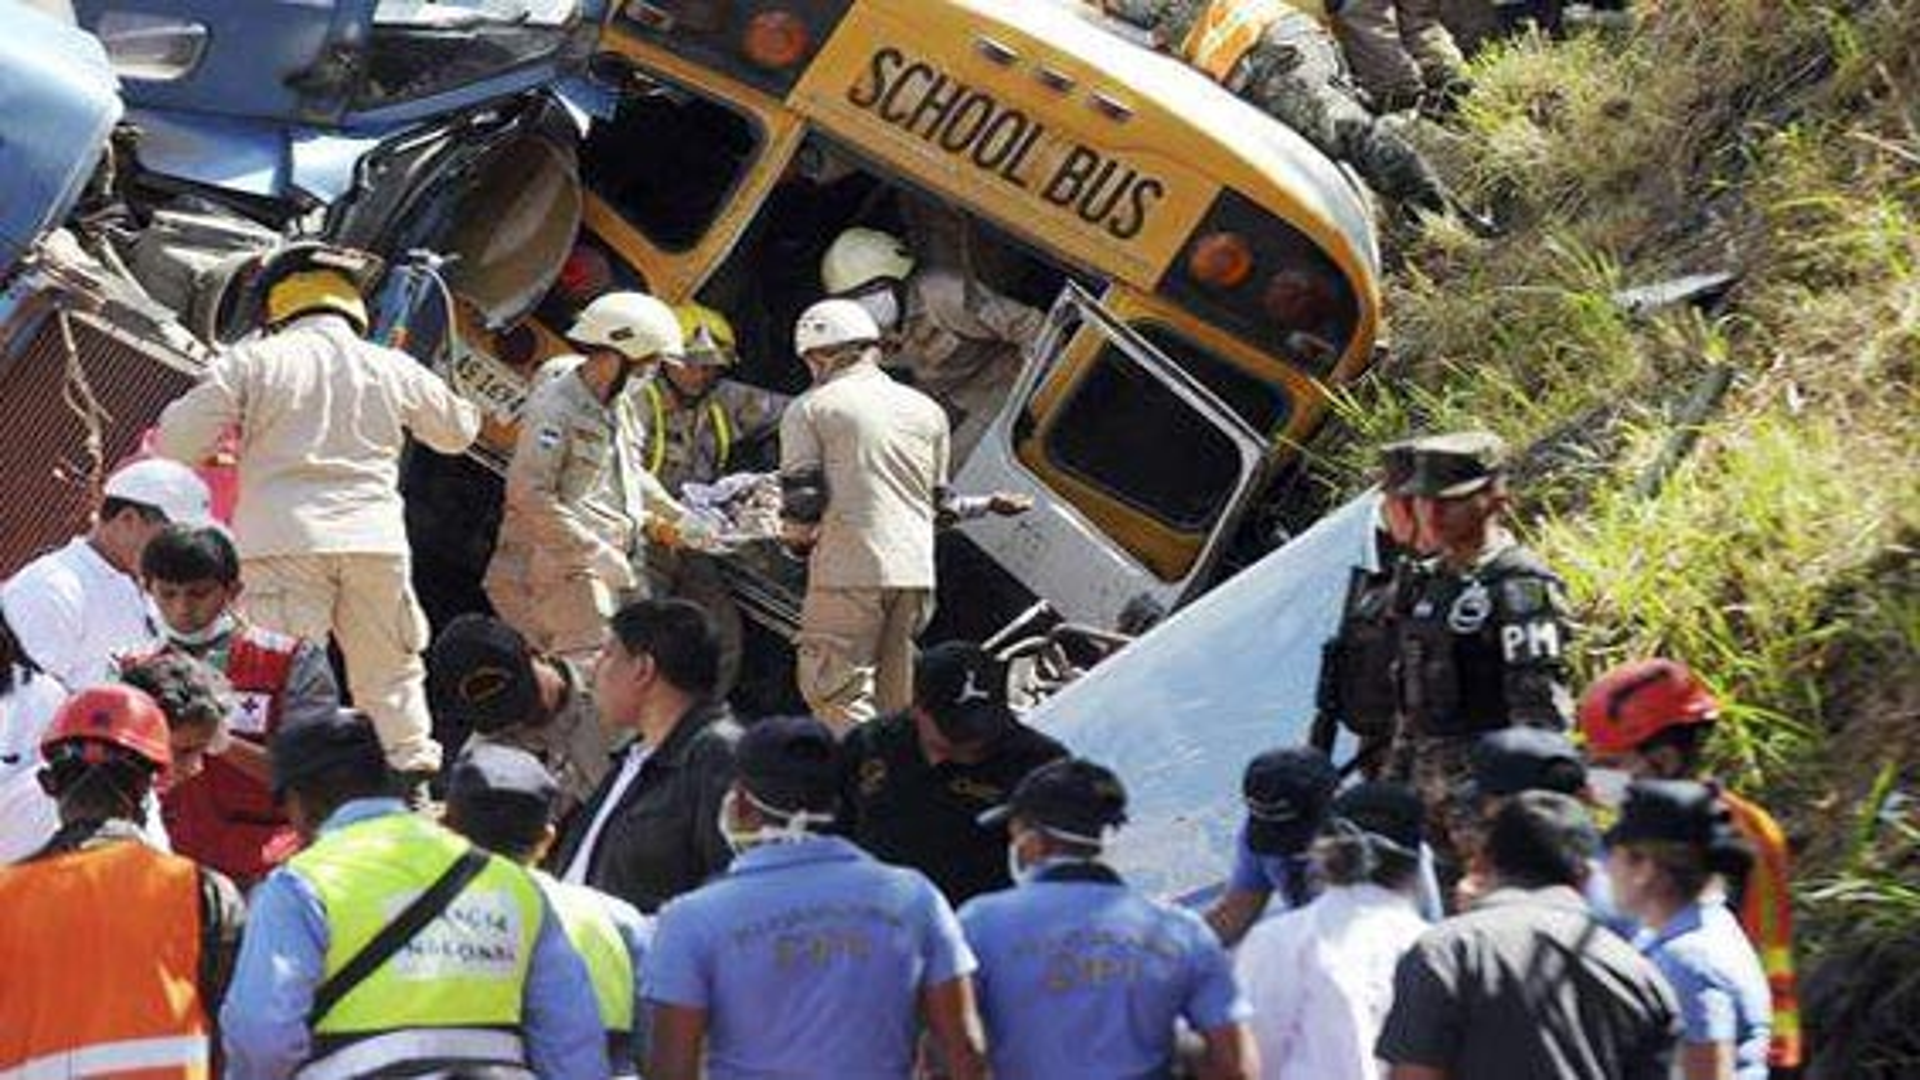 حداقل 18 کشته و 34 مجروح در واژگونی اتوبوس | فیلم